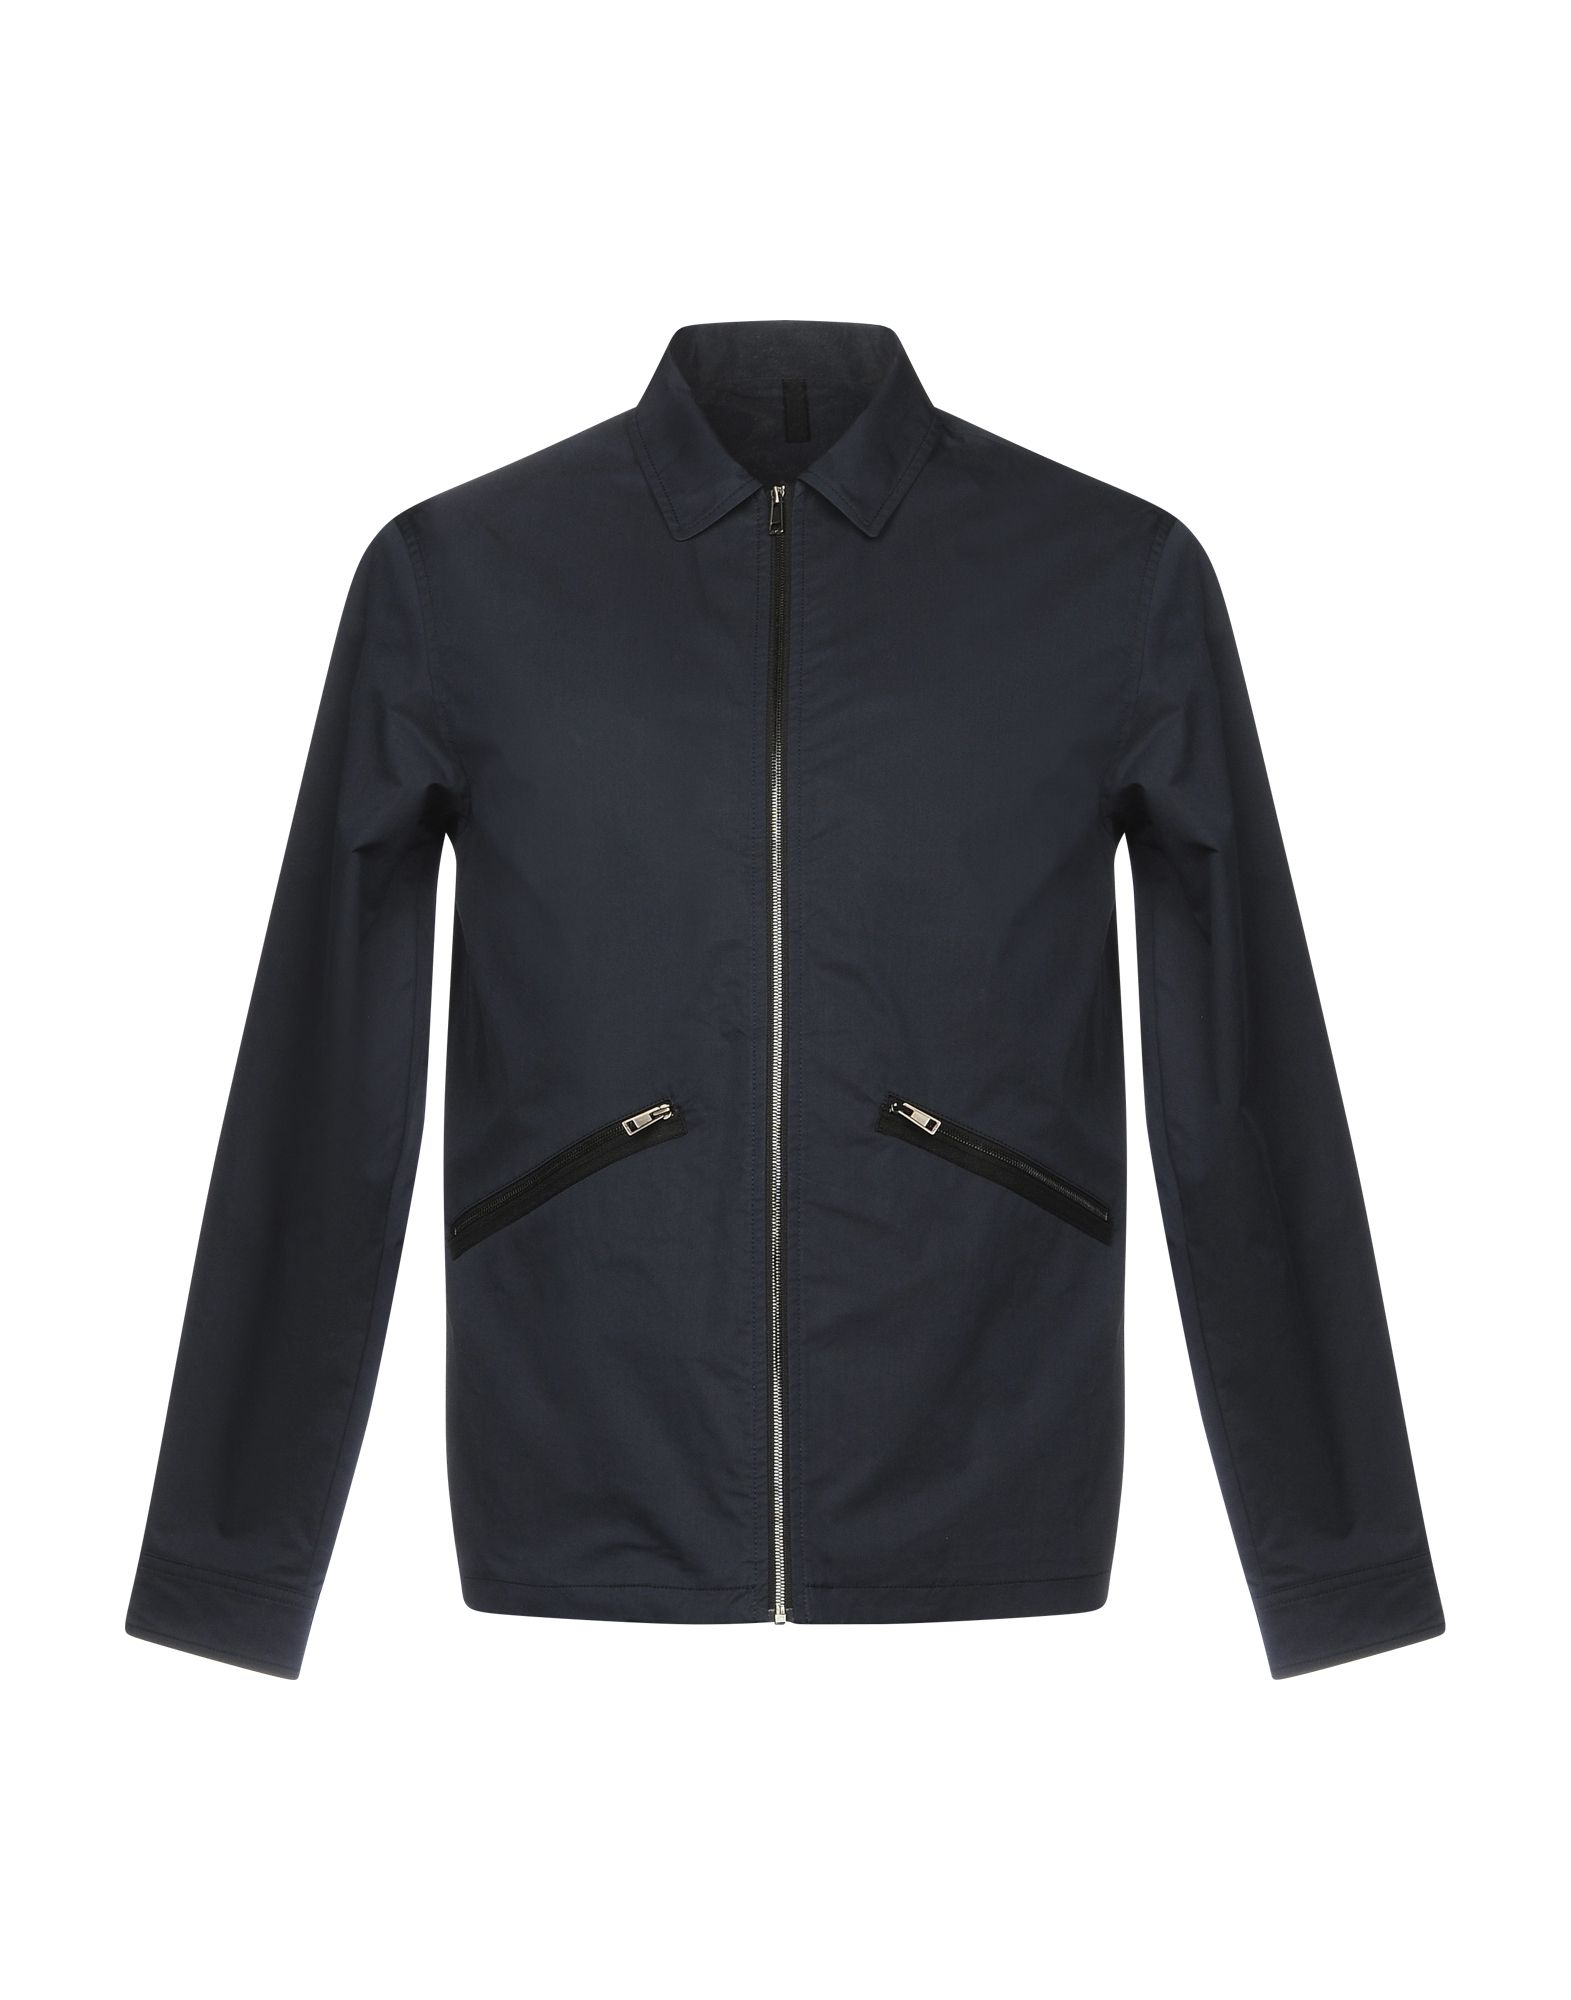 PLAC Jacket in Dark Blue